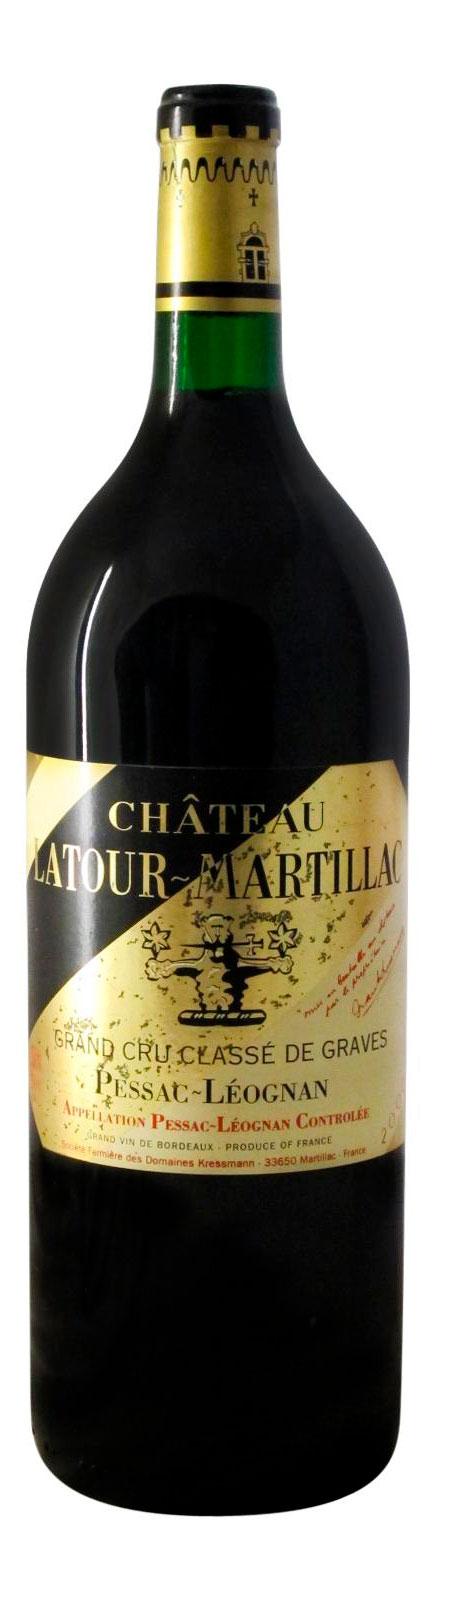 Château Latour Martillac ( Domaine Kressmann ) 2009